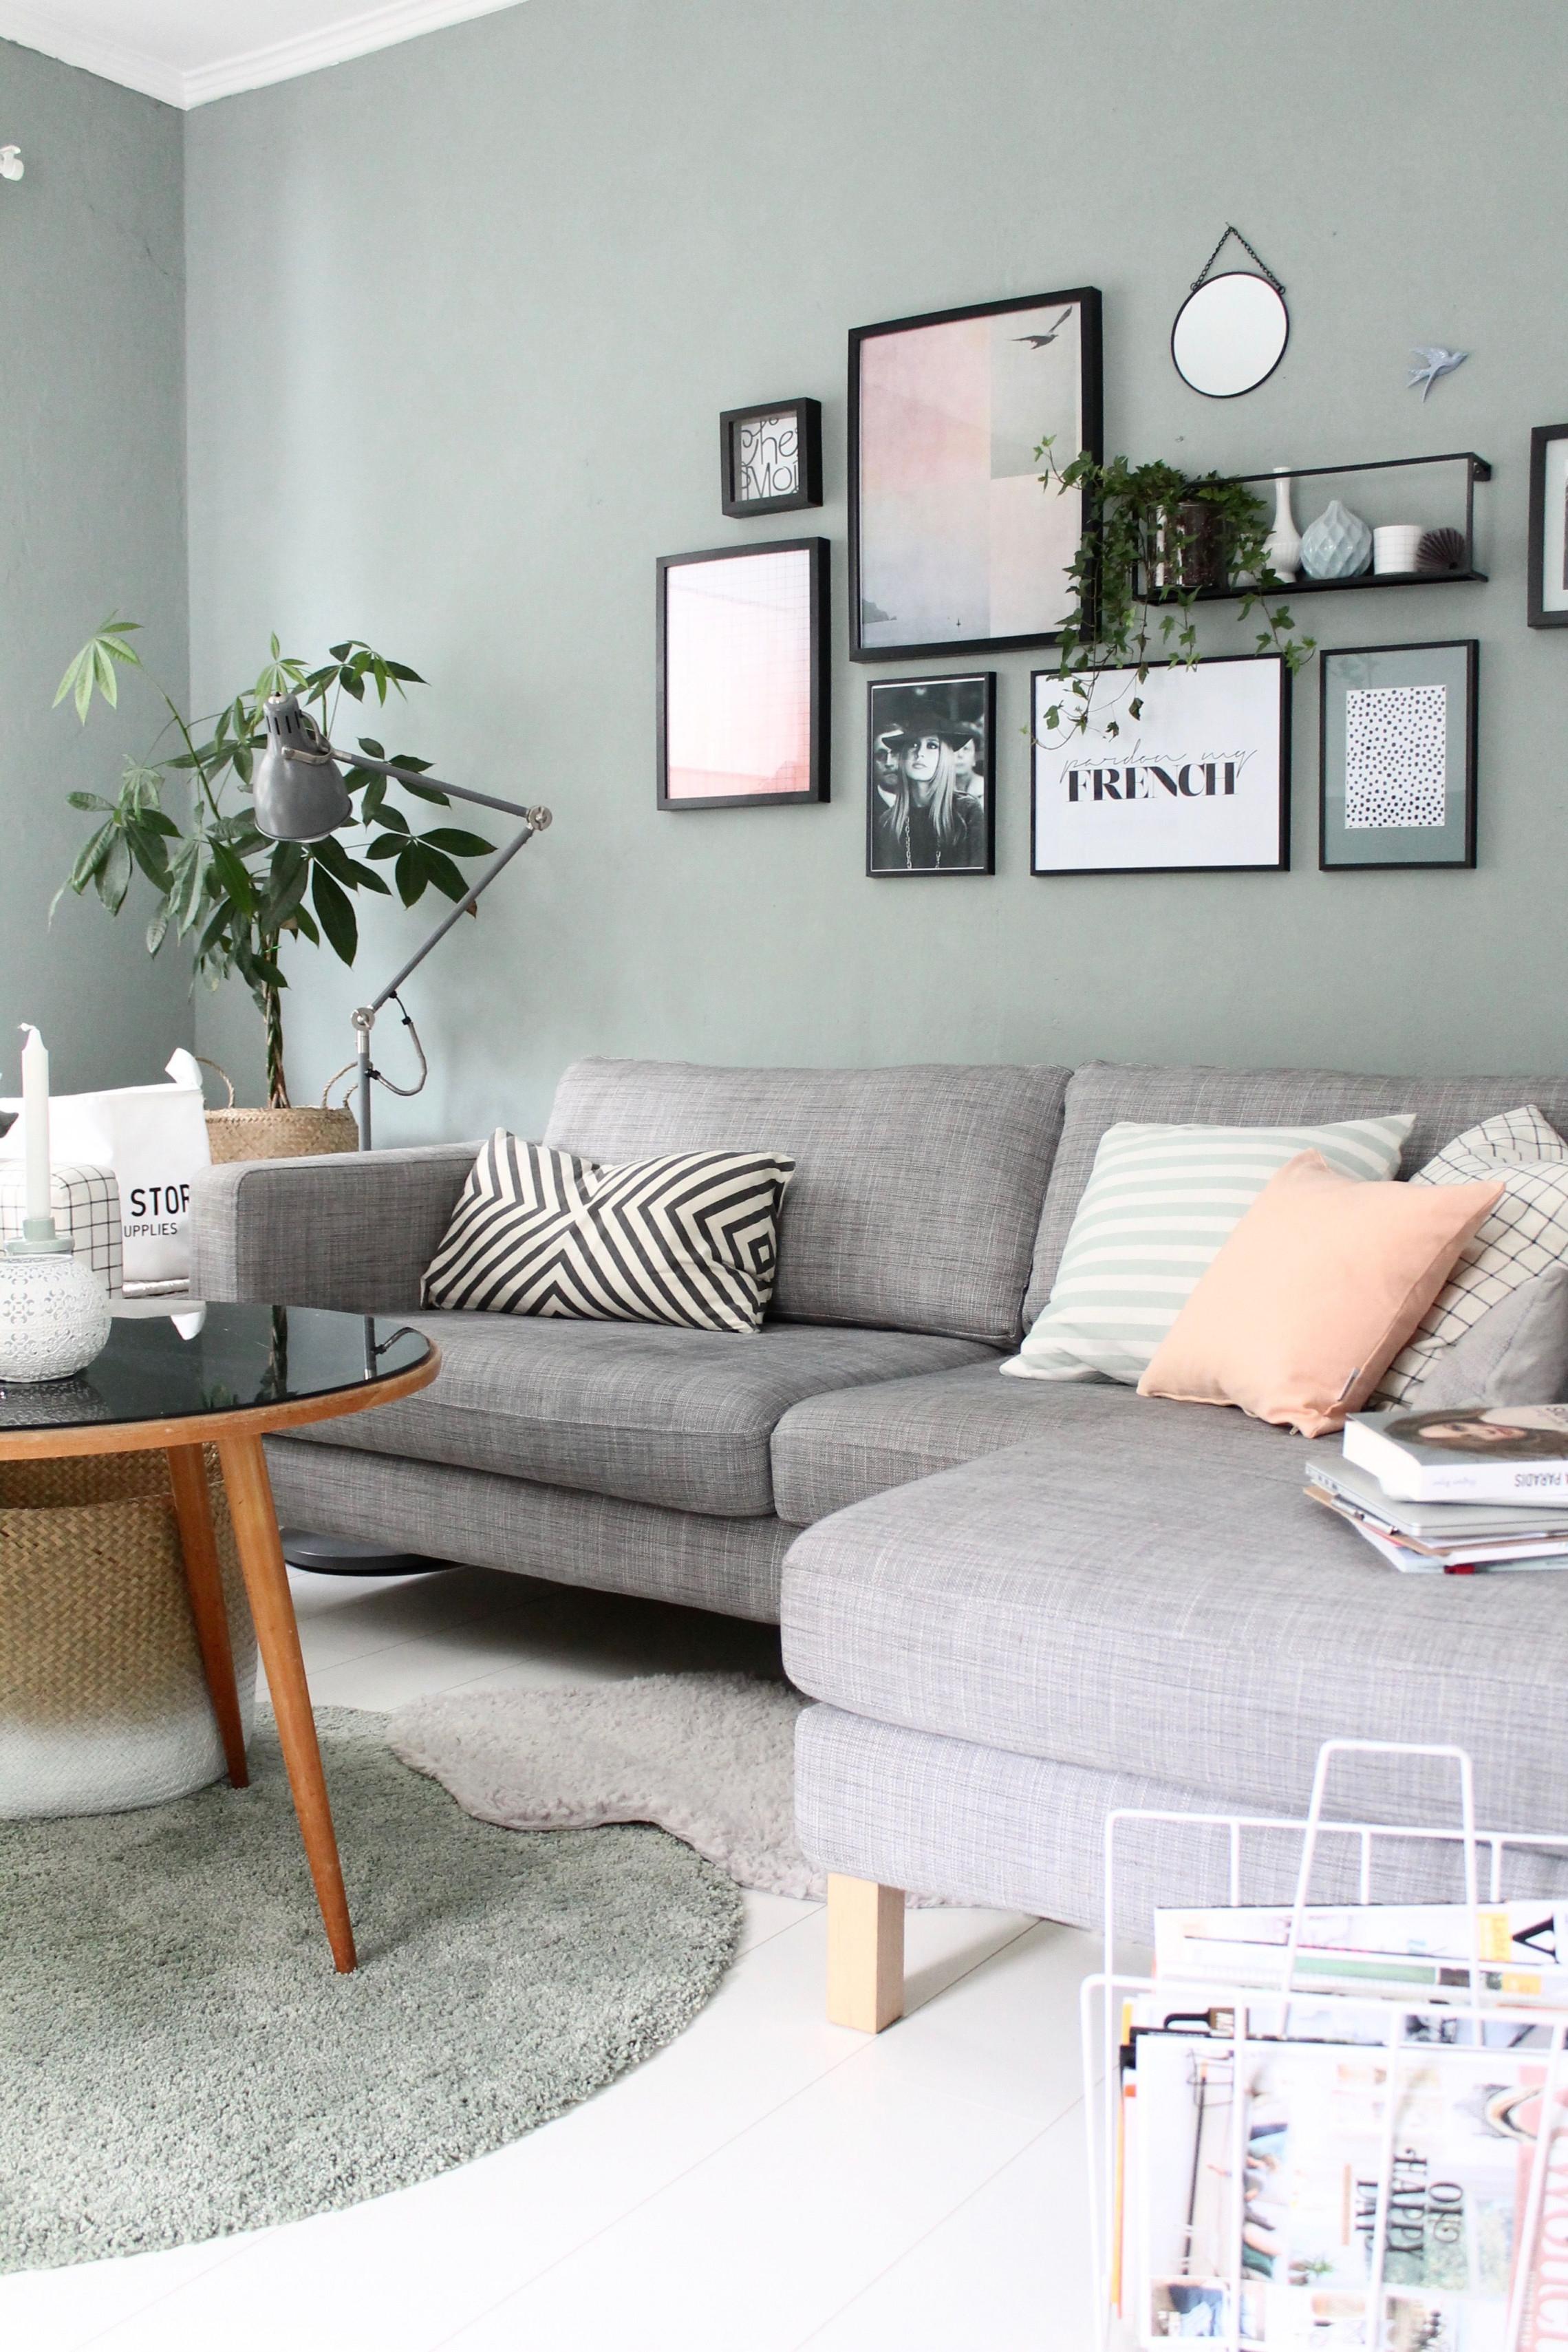 Eine Sanfte Wandfarbe Im Wohnzimmer Wwwkolorat Kolorat von Bilder Von Wohnzimmer Bild